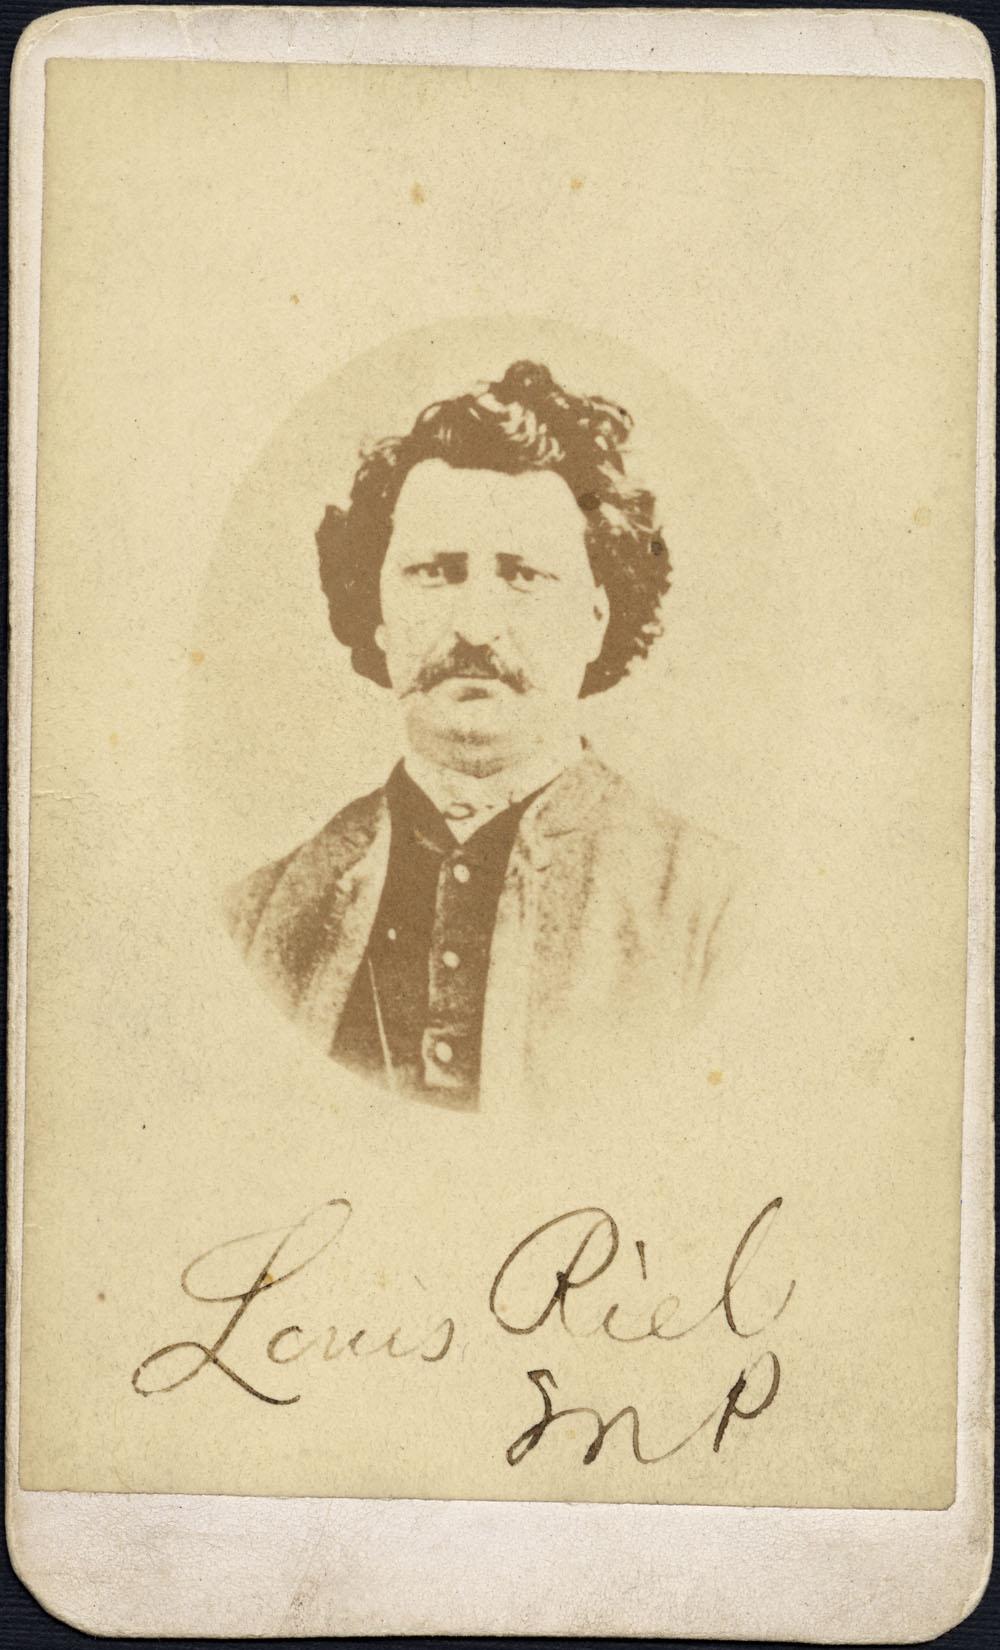 Carte-de-Visite Portrait of Louis Riel